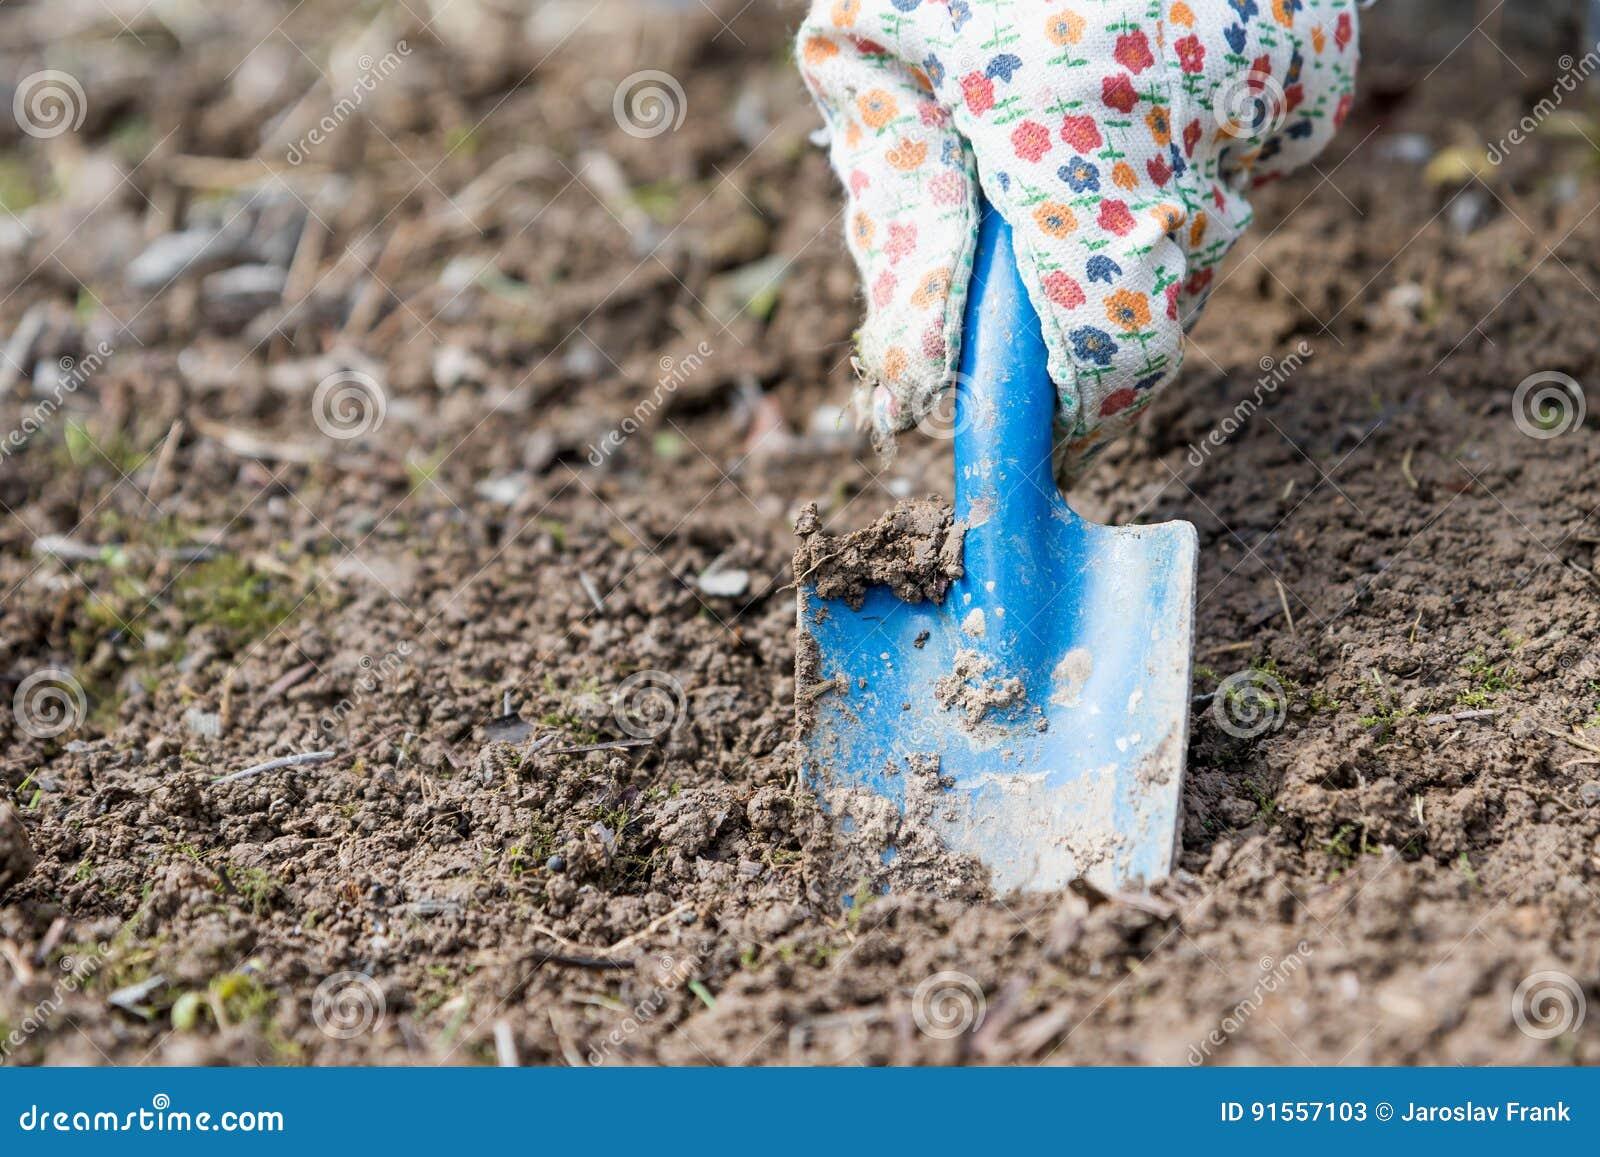 Creusement du trou dans le sol avec une lame de jardin